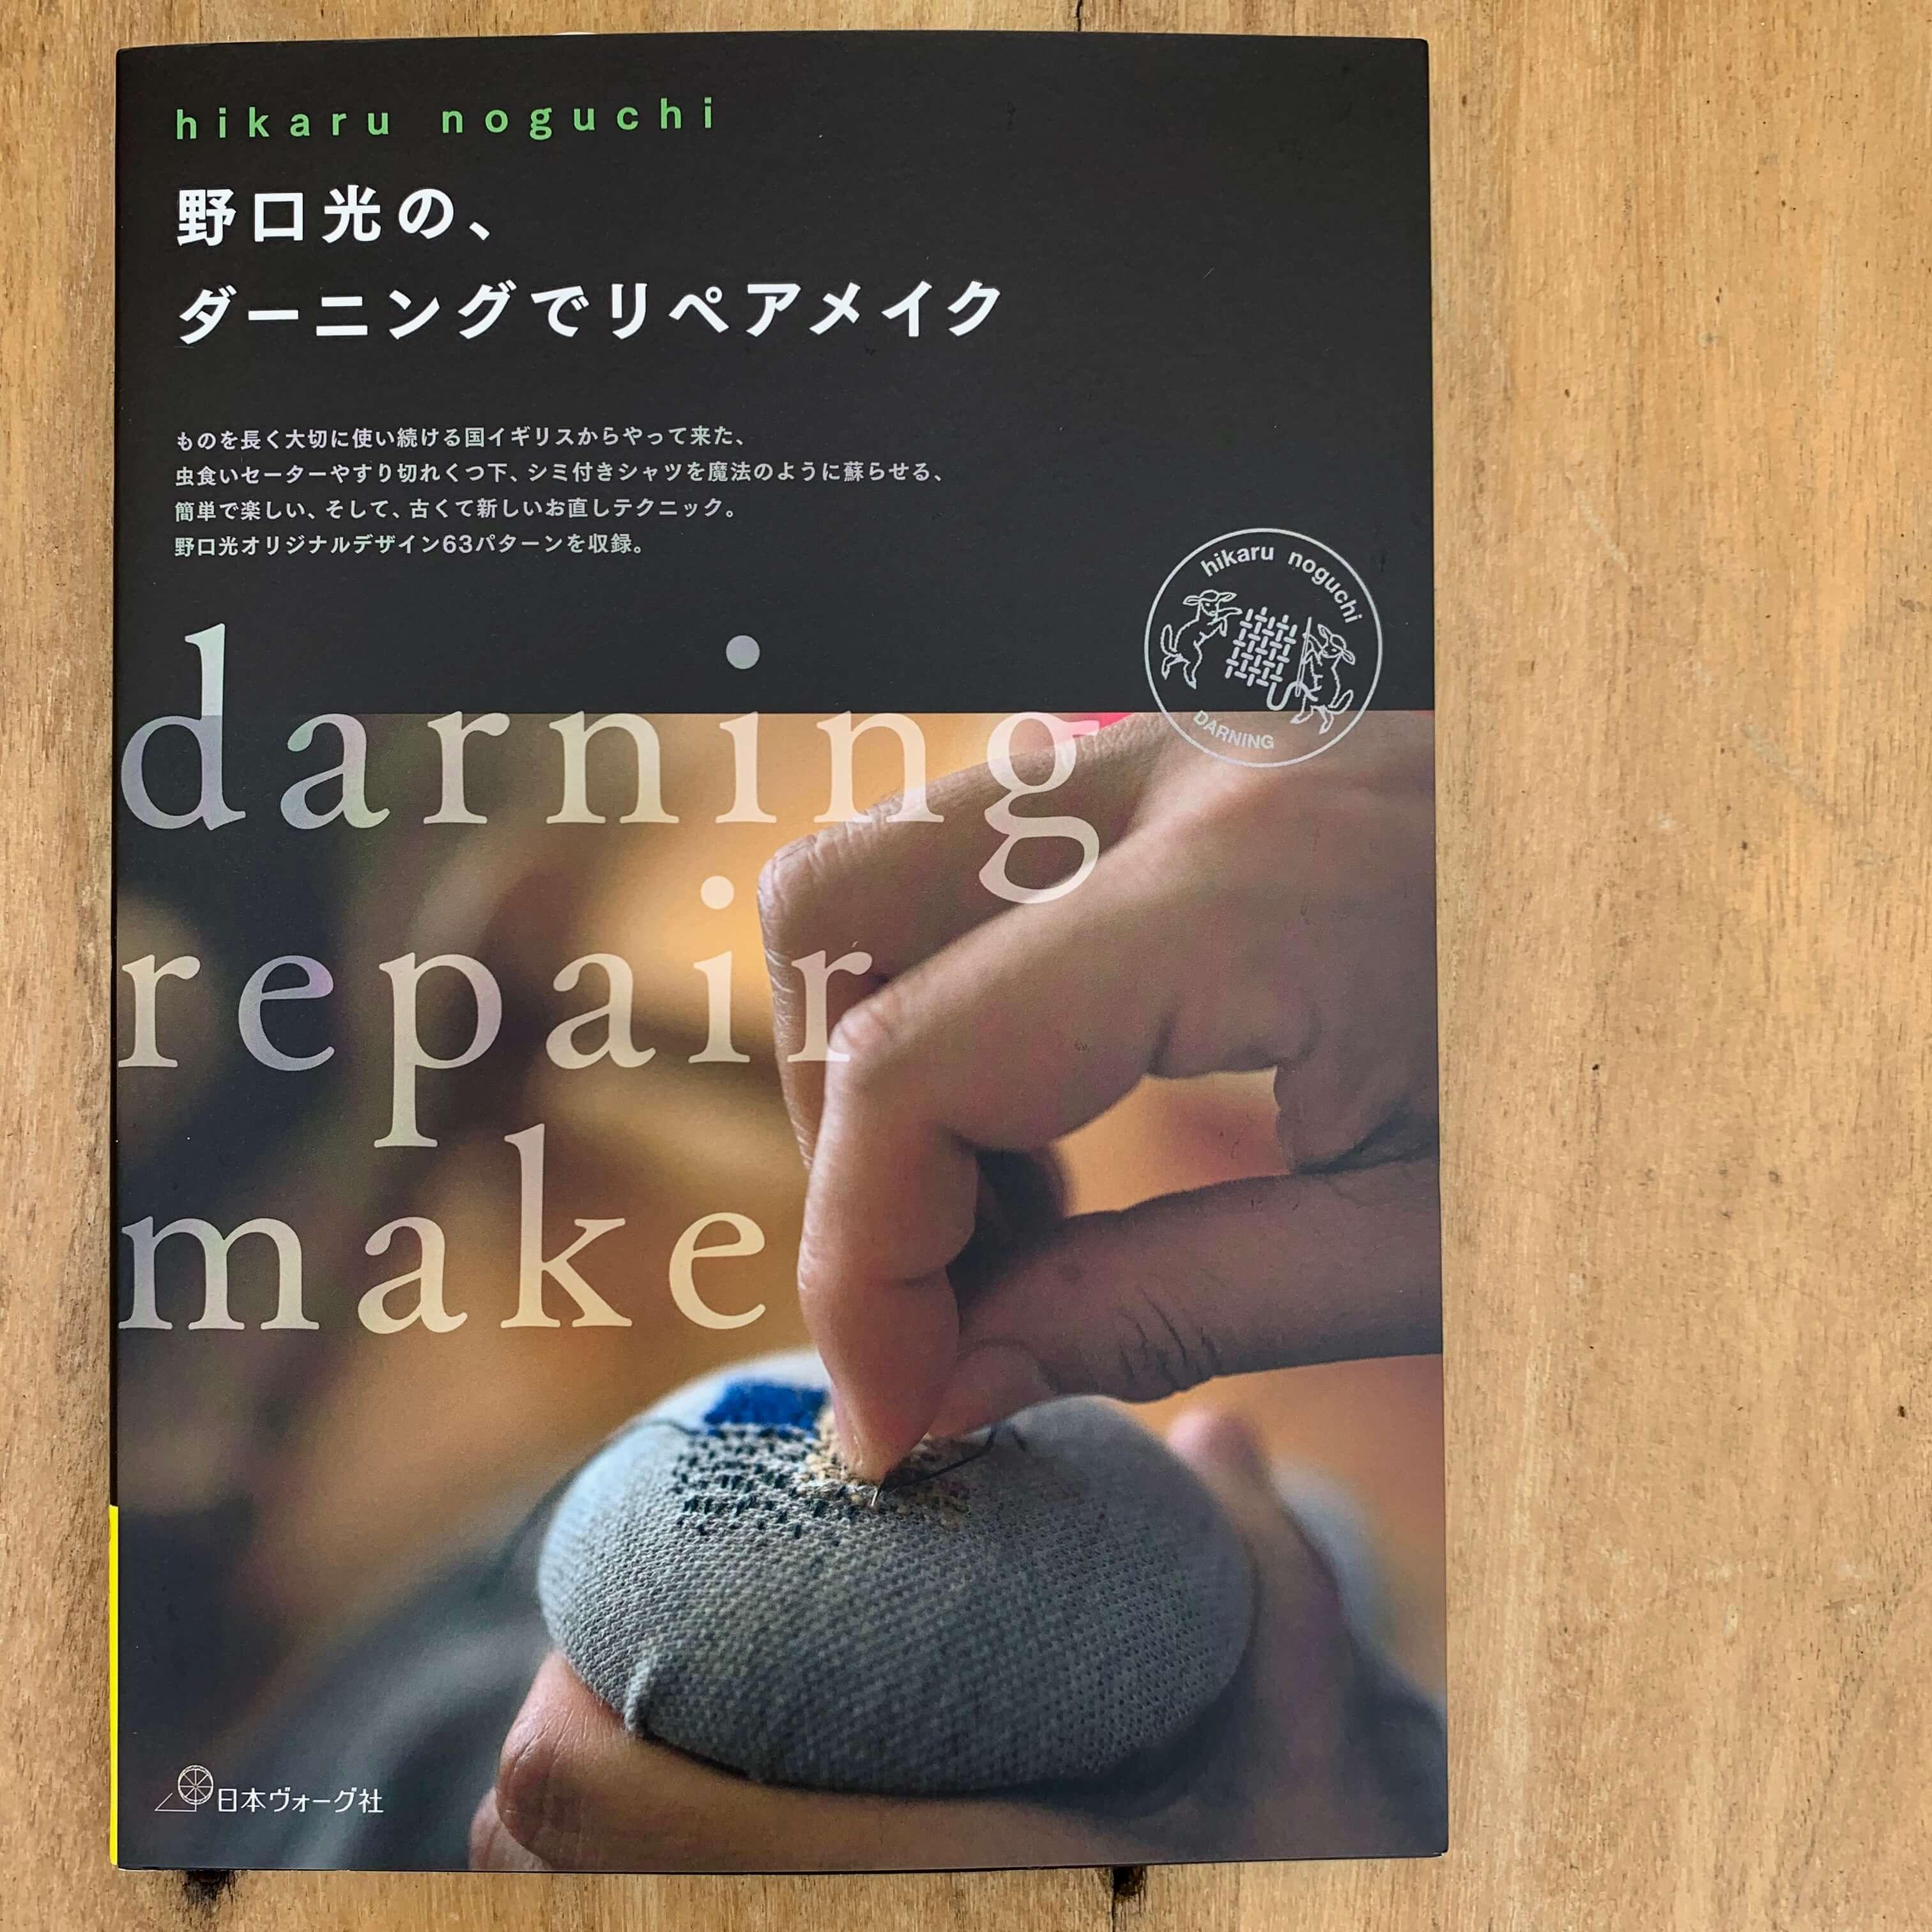 Darning Repair Make